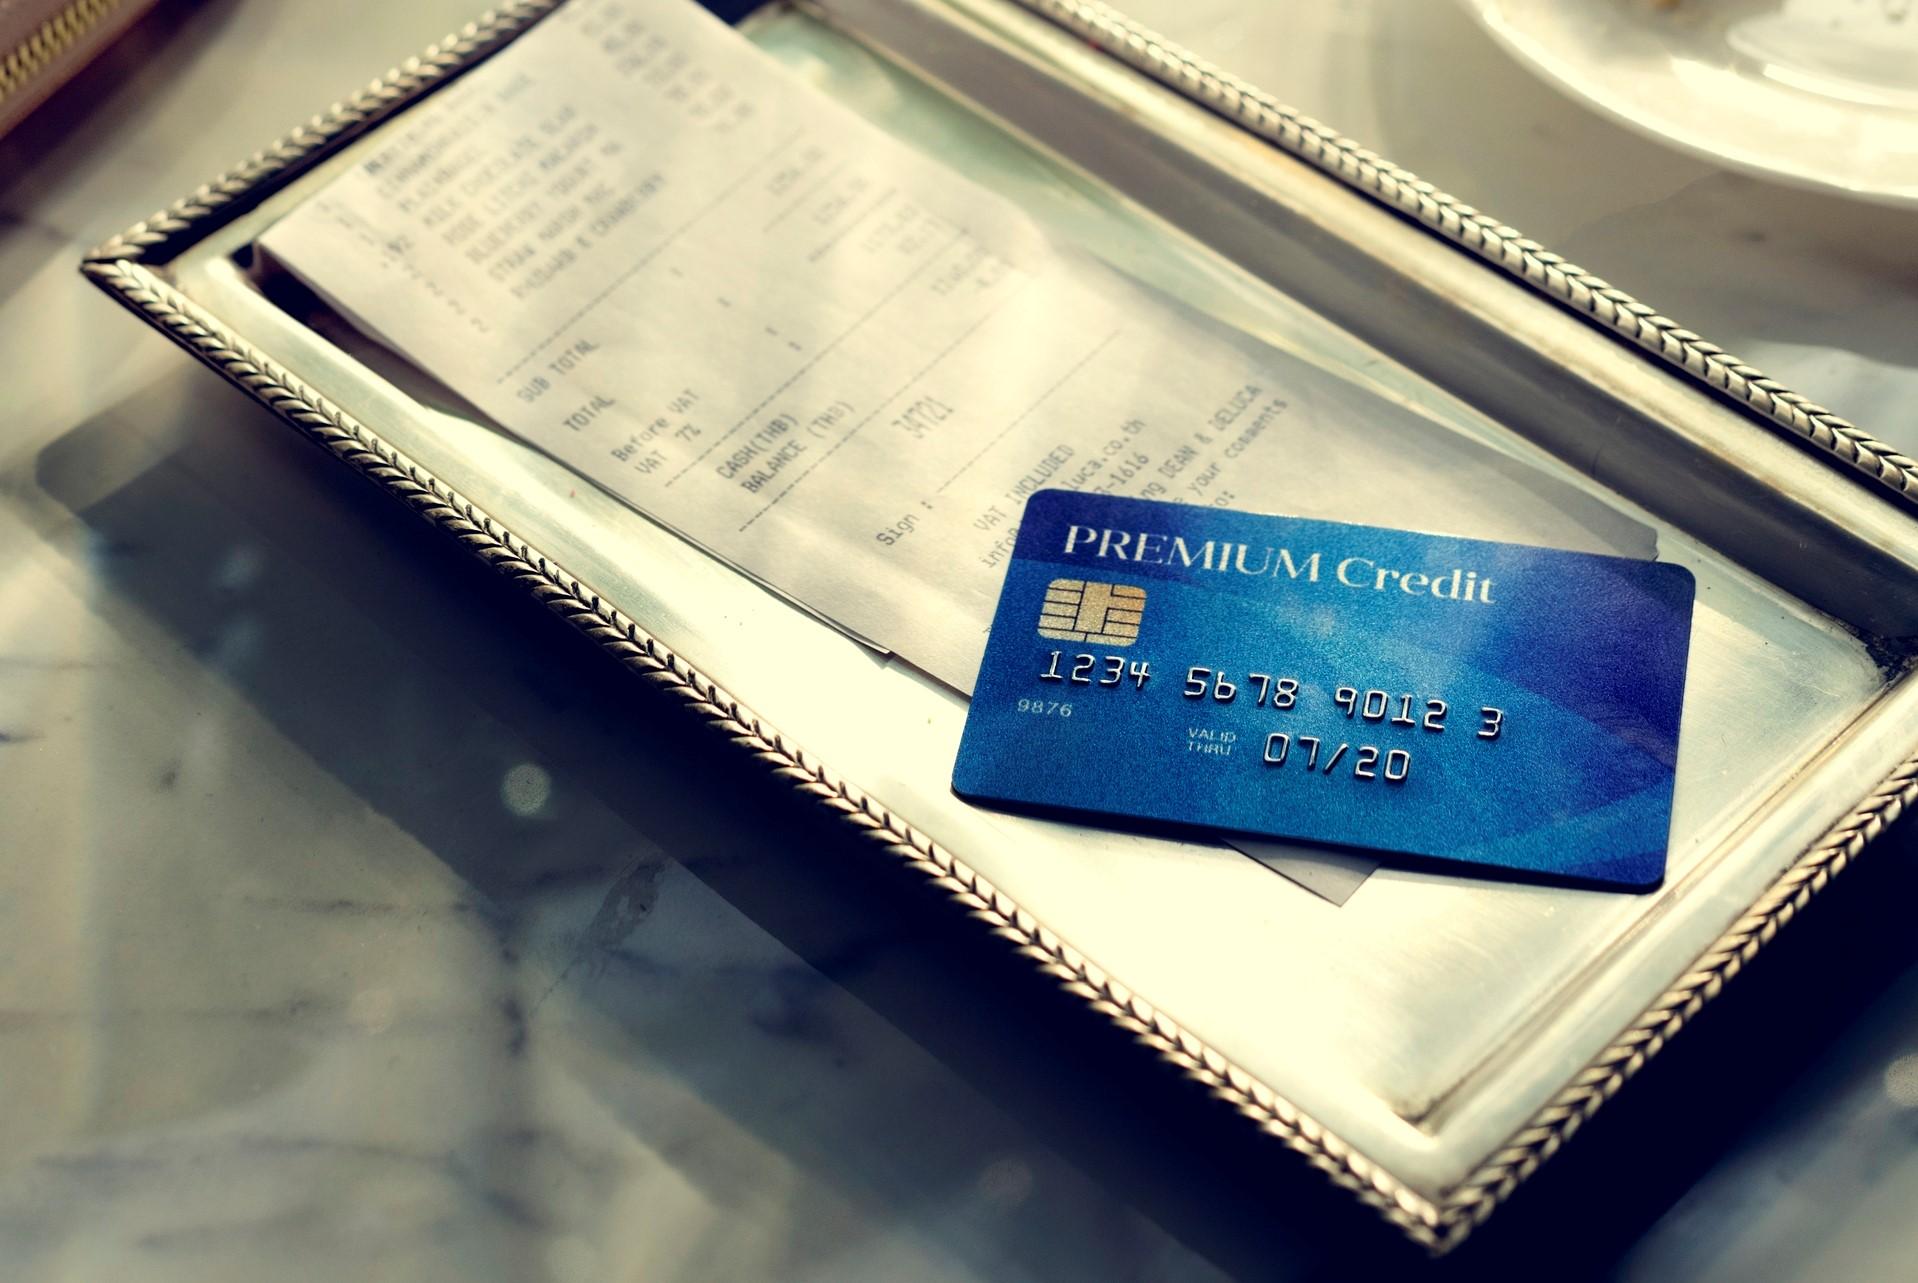 Szybki kredyt online – czym się różni od pożyczki?